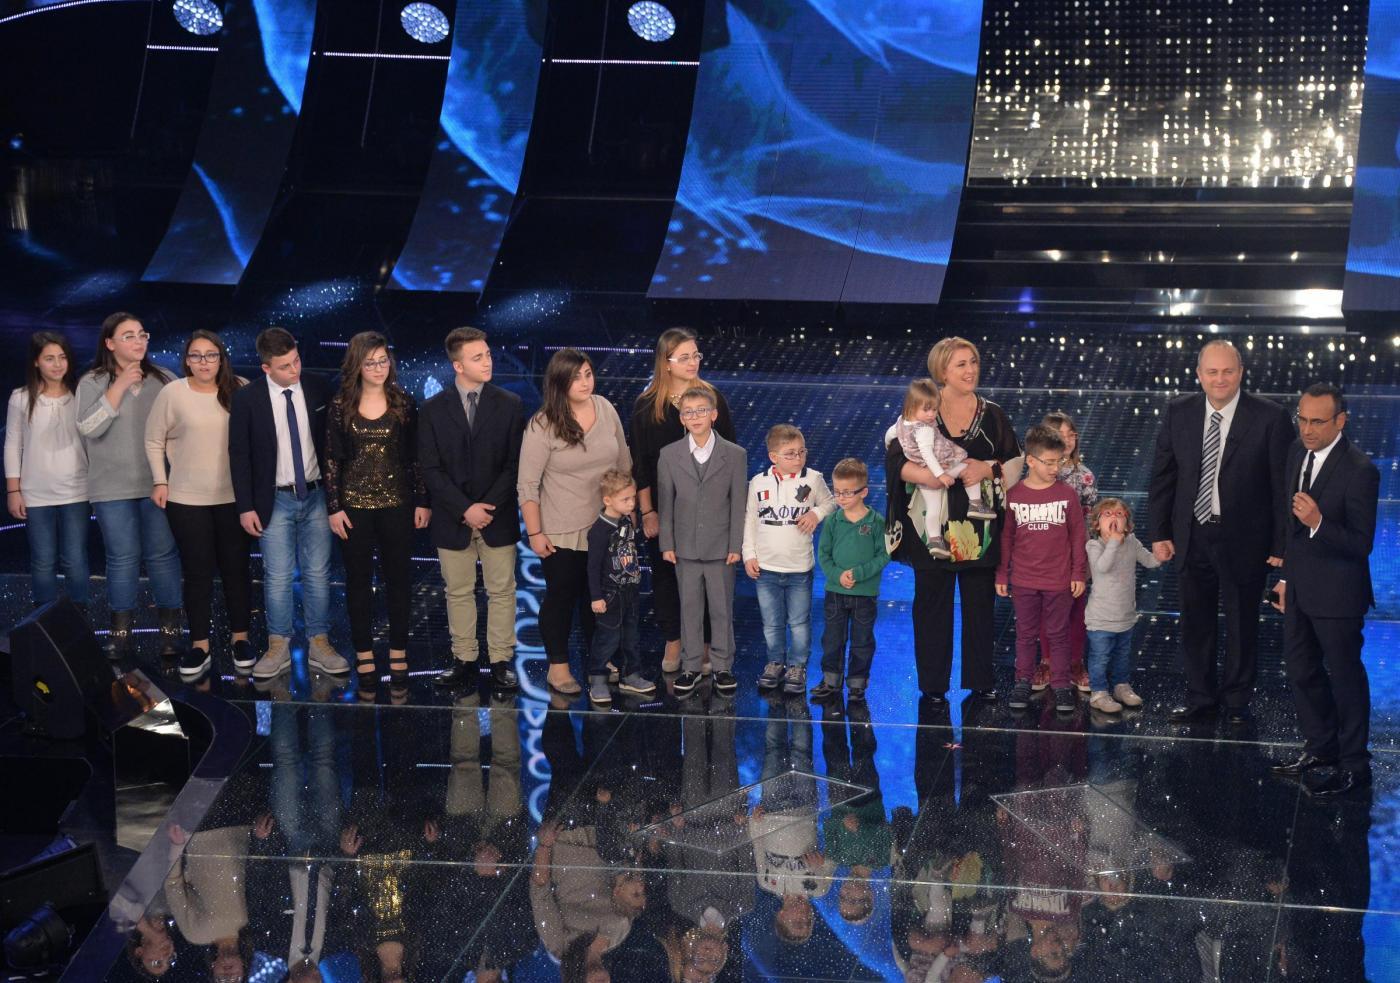 Sanremo 2015, la famiglia Anania (con 16 figli) canta 'Gli occhi dell'amore verdi'